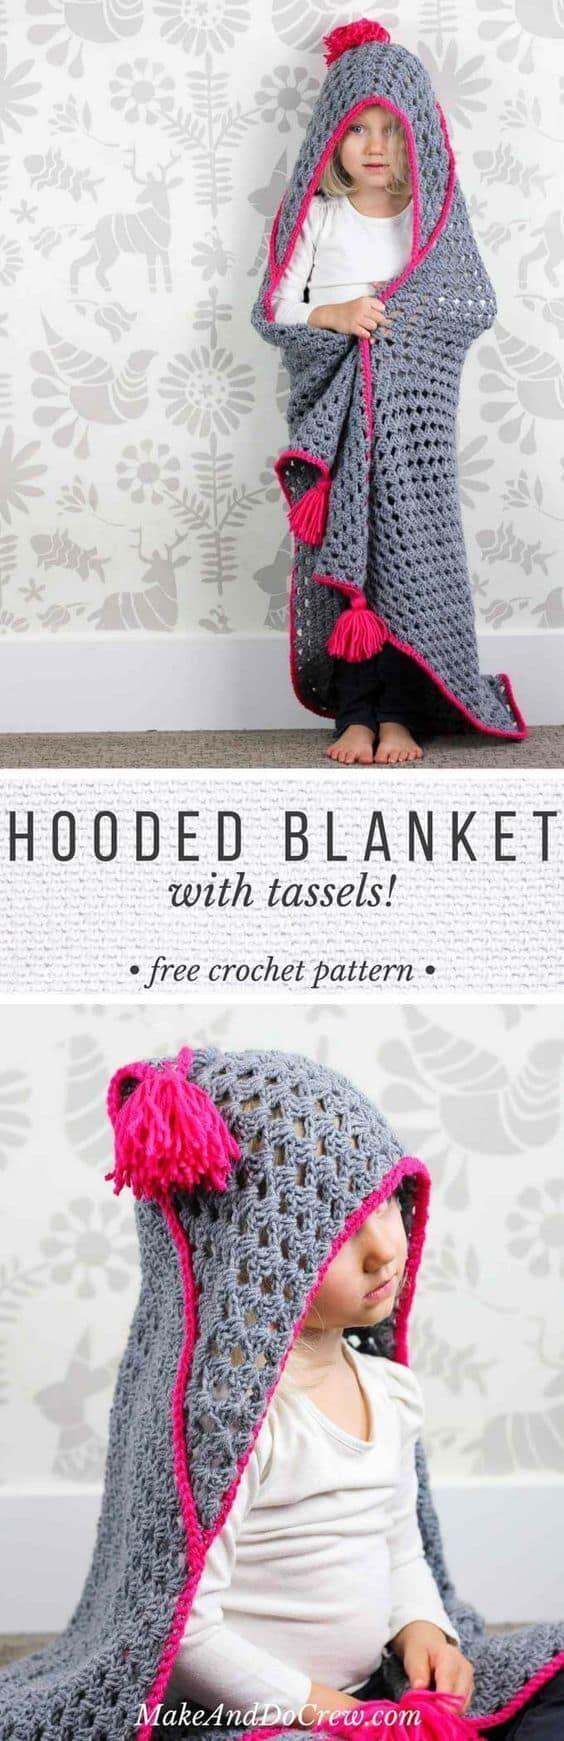 Padrão De Cobertor Com Capuz De Crochê Pinterest Pinterest Pins Top